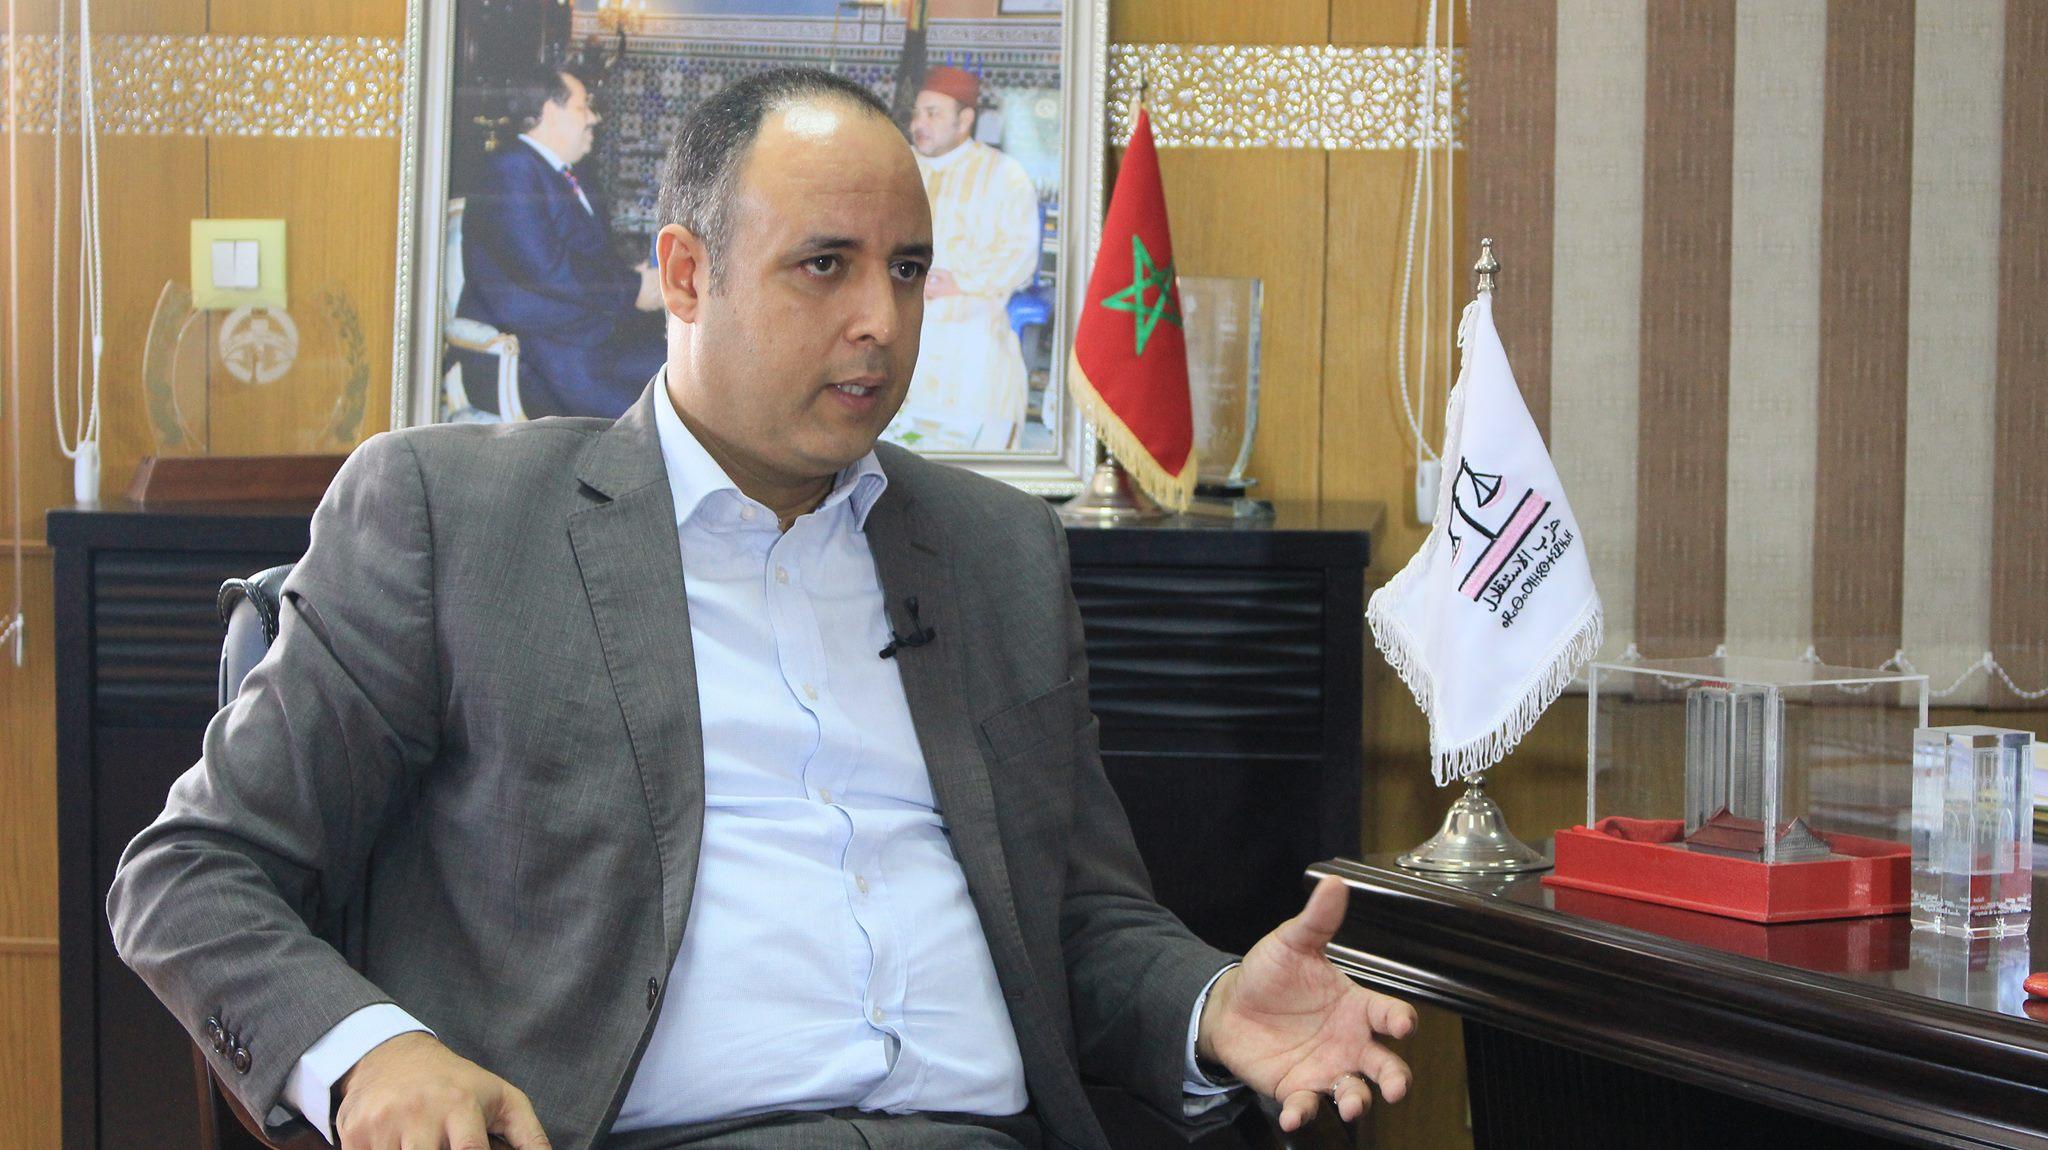 بنحمزة غاضب من الإعلام العمومي بسبب إقصاء شباط وتلميع نزار بركة